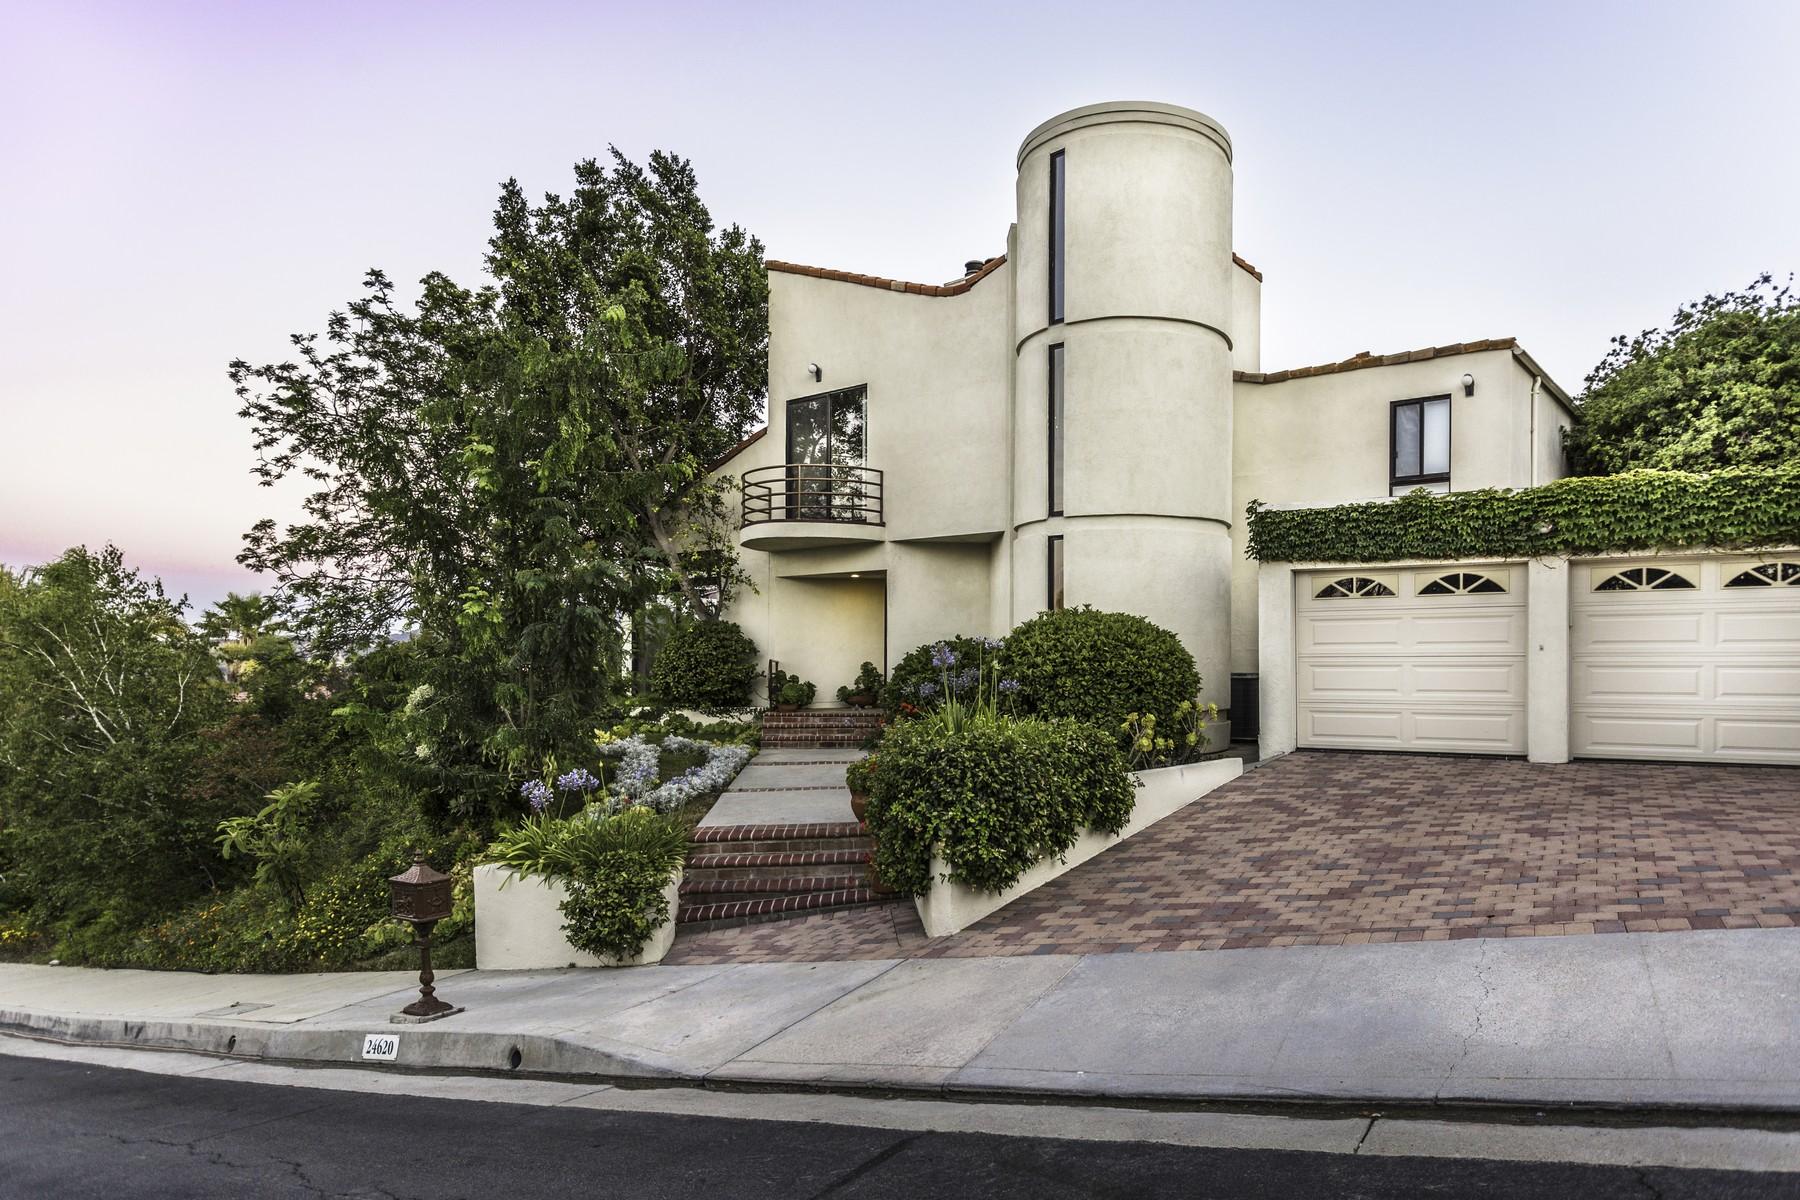 独户住宅 为 销售 在 24620 Cordillera Dr. 卡拉巴萨斯, 加利福尼亚州, 91302 美国